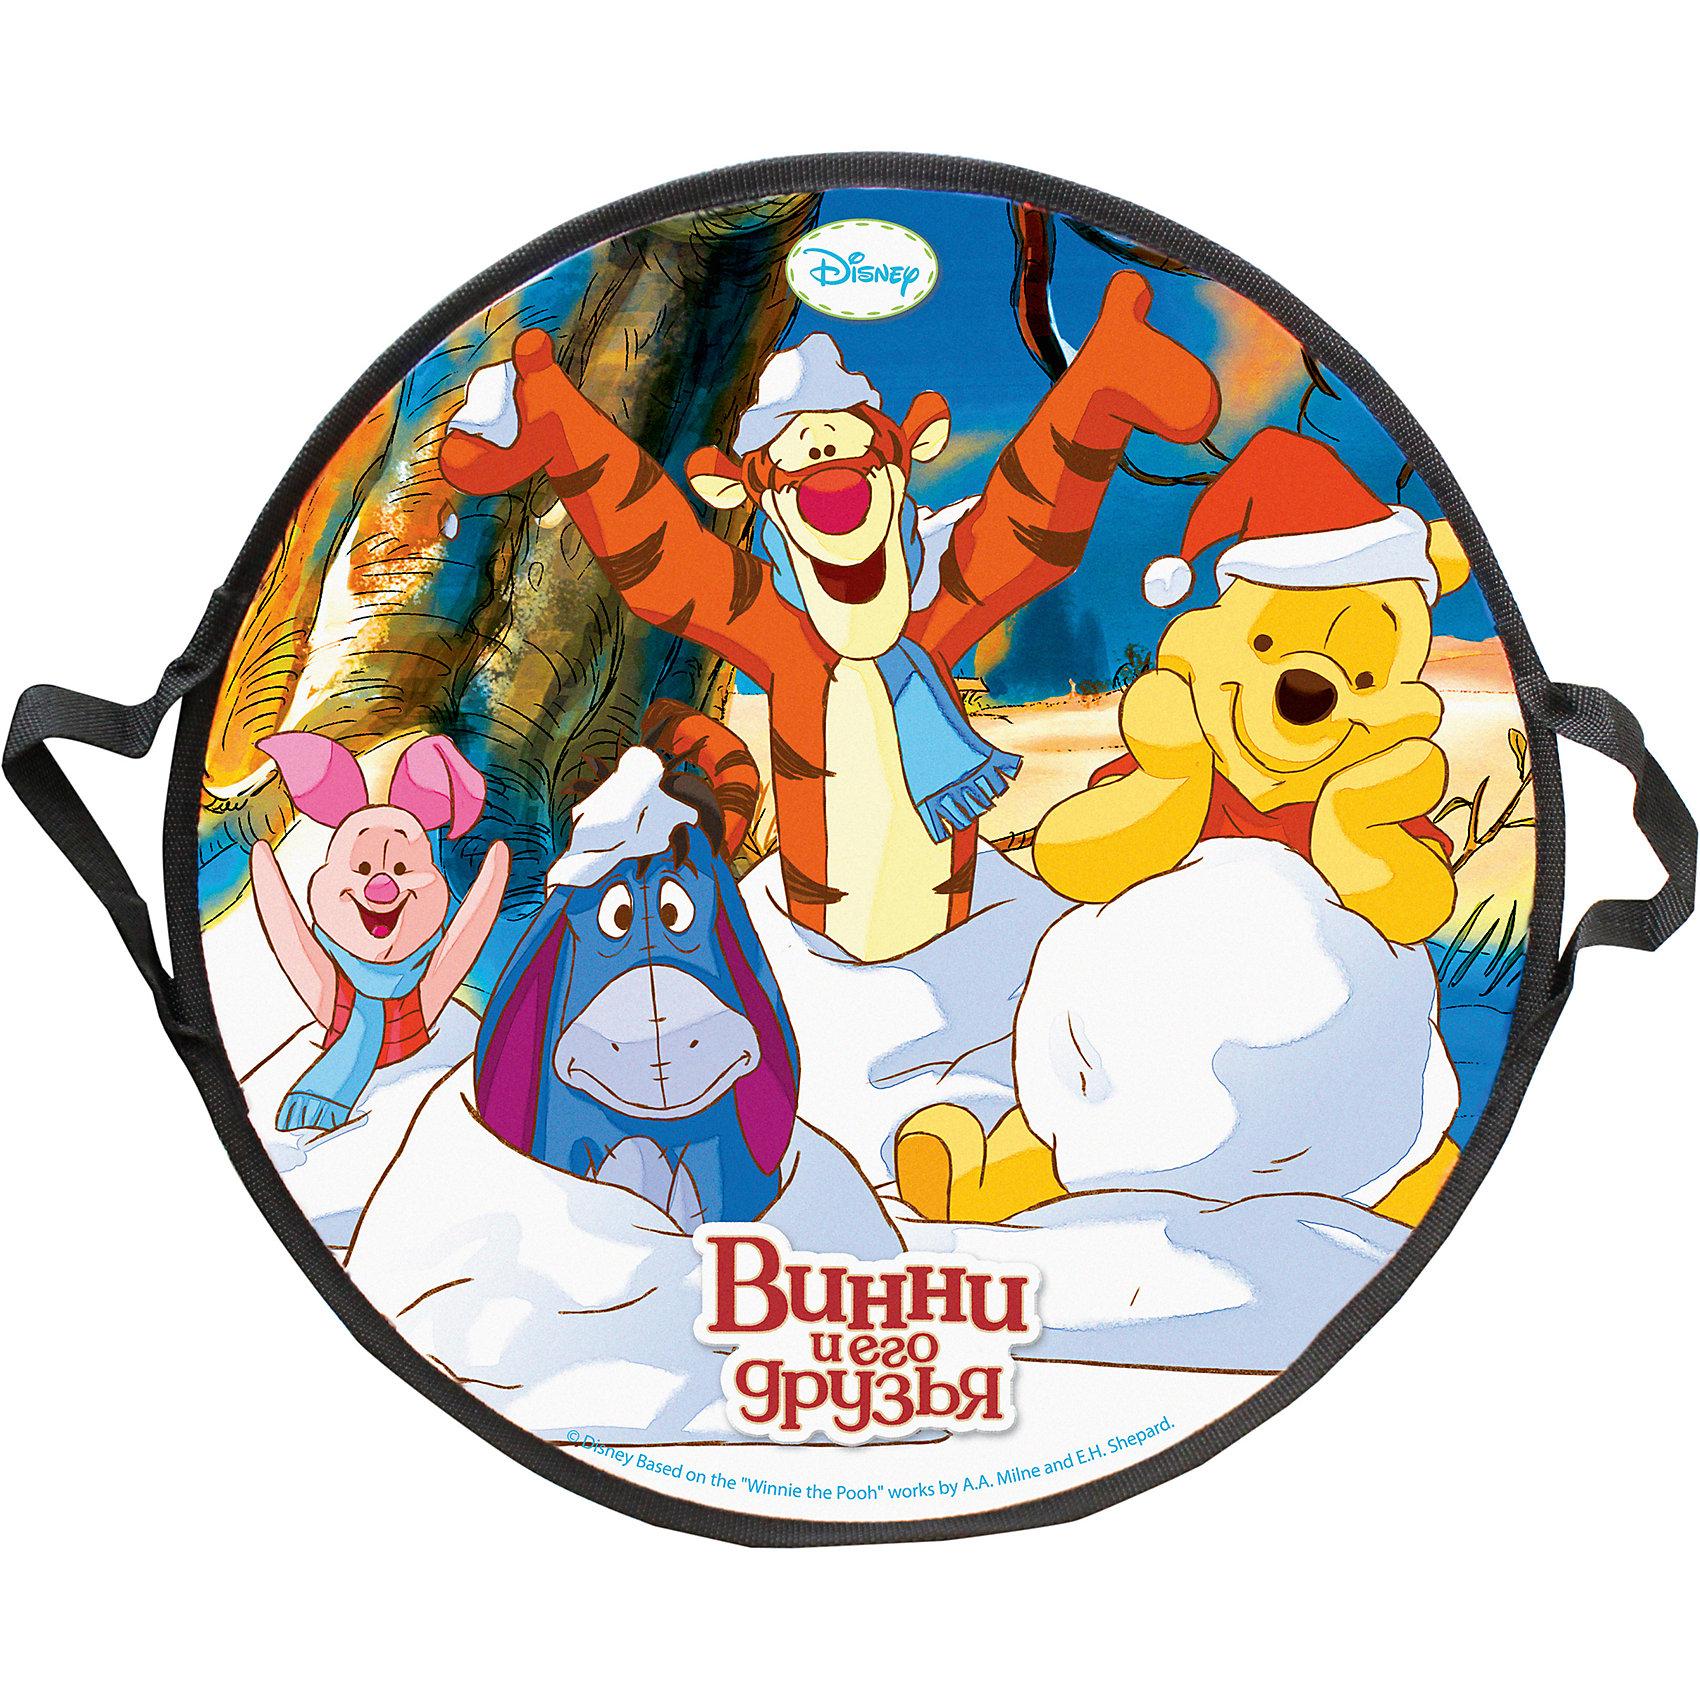 Ледянка Винни-Пух, 52 см, круглая, DisneyЛедянка Винни-Пух, 52 см, круглая, Disney.<br><br>Характеристики:<br><br>• изготовлена из прочных материалов<br>• имеет удобные ручки<br>• яркий дизайн<br>• материал: ПВХ, вспененный полиэтилен<br>• размер: 52х52х3 см<br>• вес: 275 грамм<br><br>Ледянка Винни-Пух, Disney отлично подойдет для спуска с горки. Она изготовлена из прочных материалов, имеет удобные ручки для безопасности и удобства. Яркий дизайн с любимыми героями мультфильма Винни-Пух никого не оставит равнодушным!<br><br>Ледянку Винни-Пух, 52 см, круглая, Disney можно купить в нашем интернет-магазине.<br><br>Ширина мм: 520<br>Глубина мм: 10<br>Высота мм: 520<br>Вес г: 300<br>Возраст от месяцев: 36<br>Возраст до месяцев: 192<br>Пол: Унисекс<br>Возраст: Детский<br>SKU: 5032794